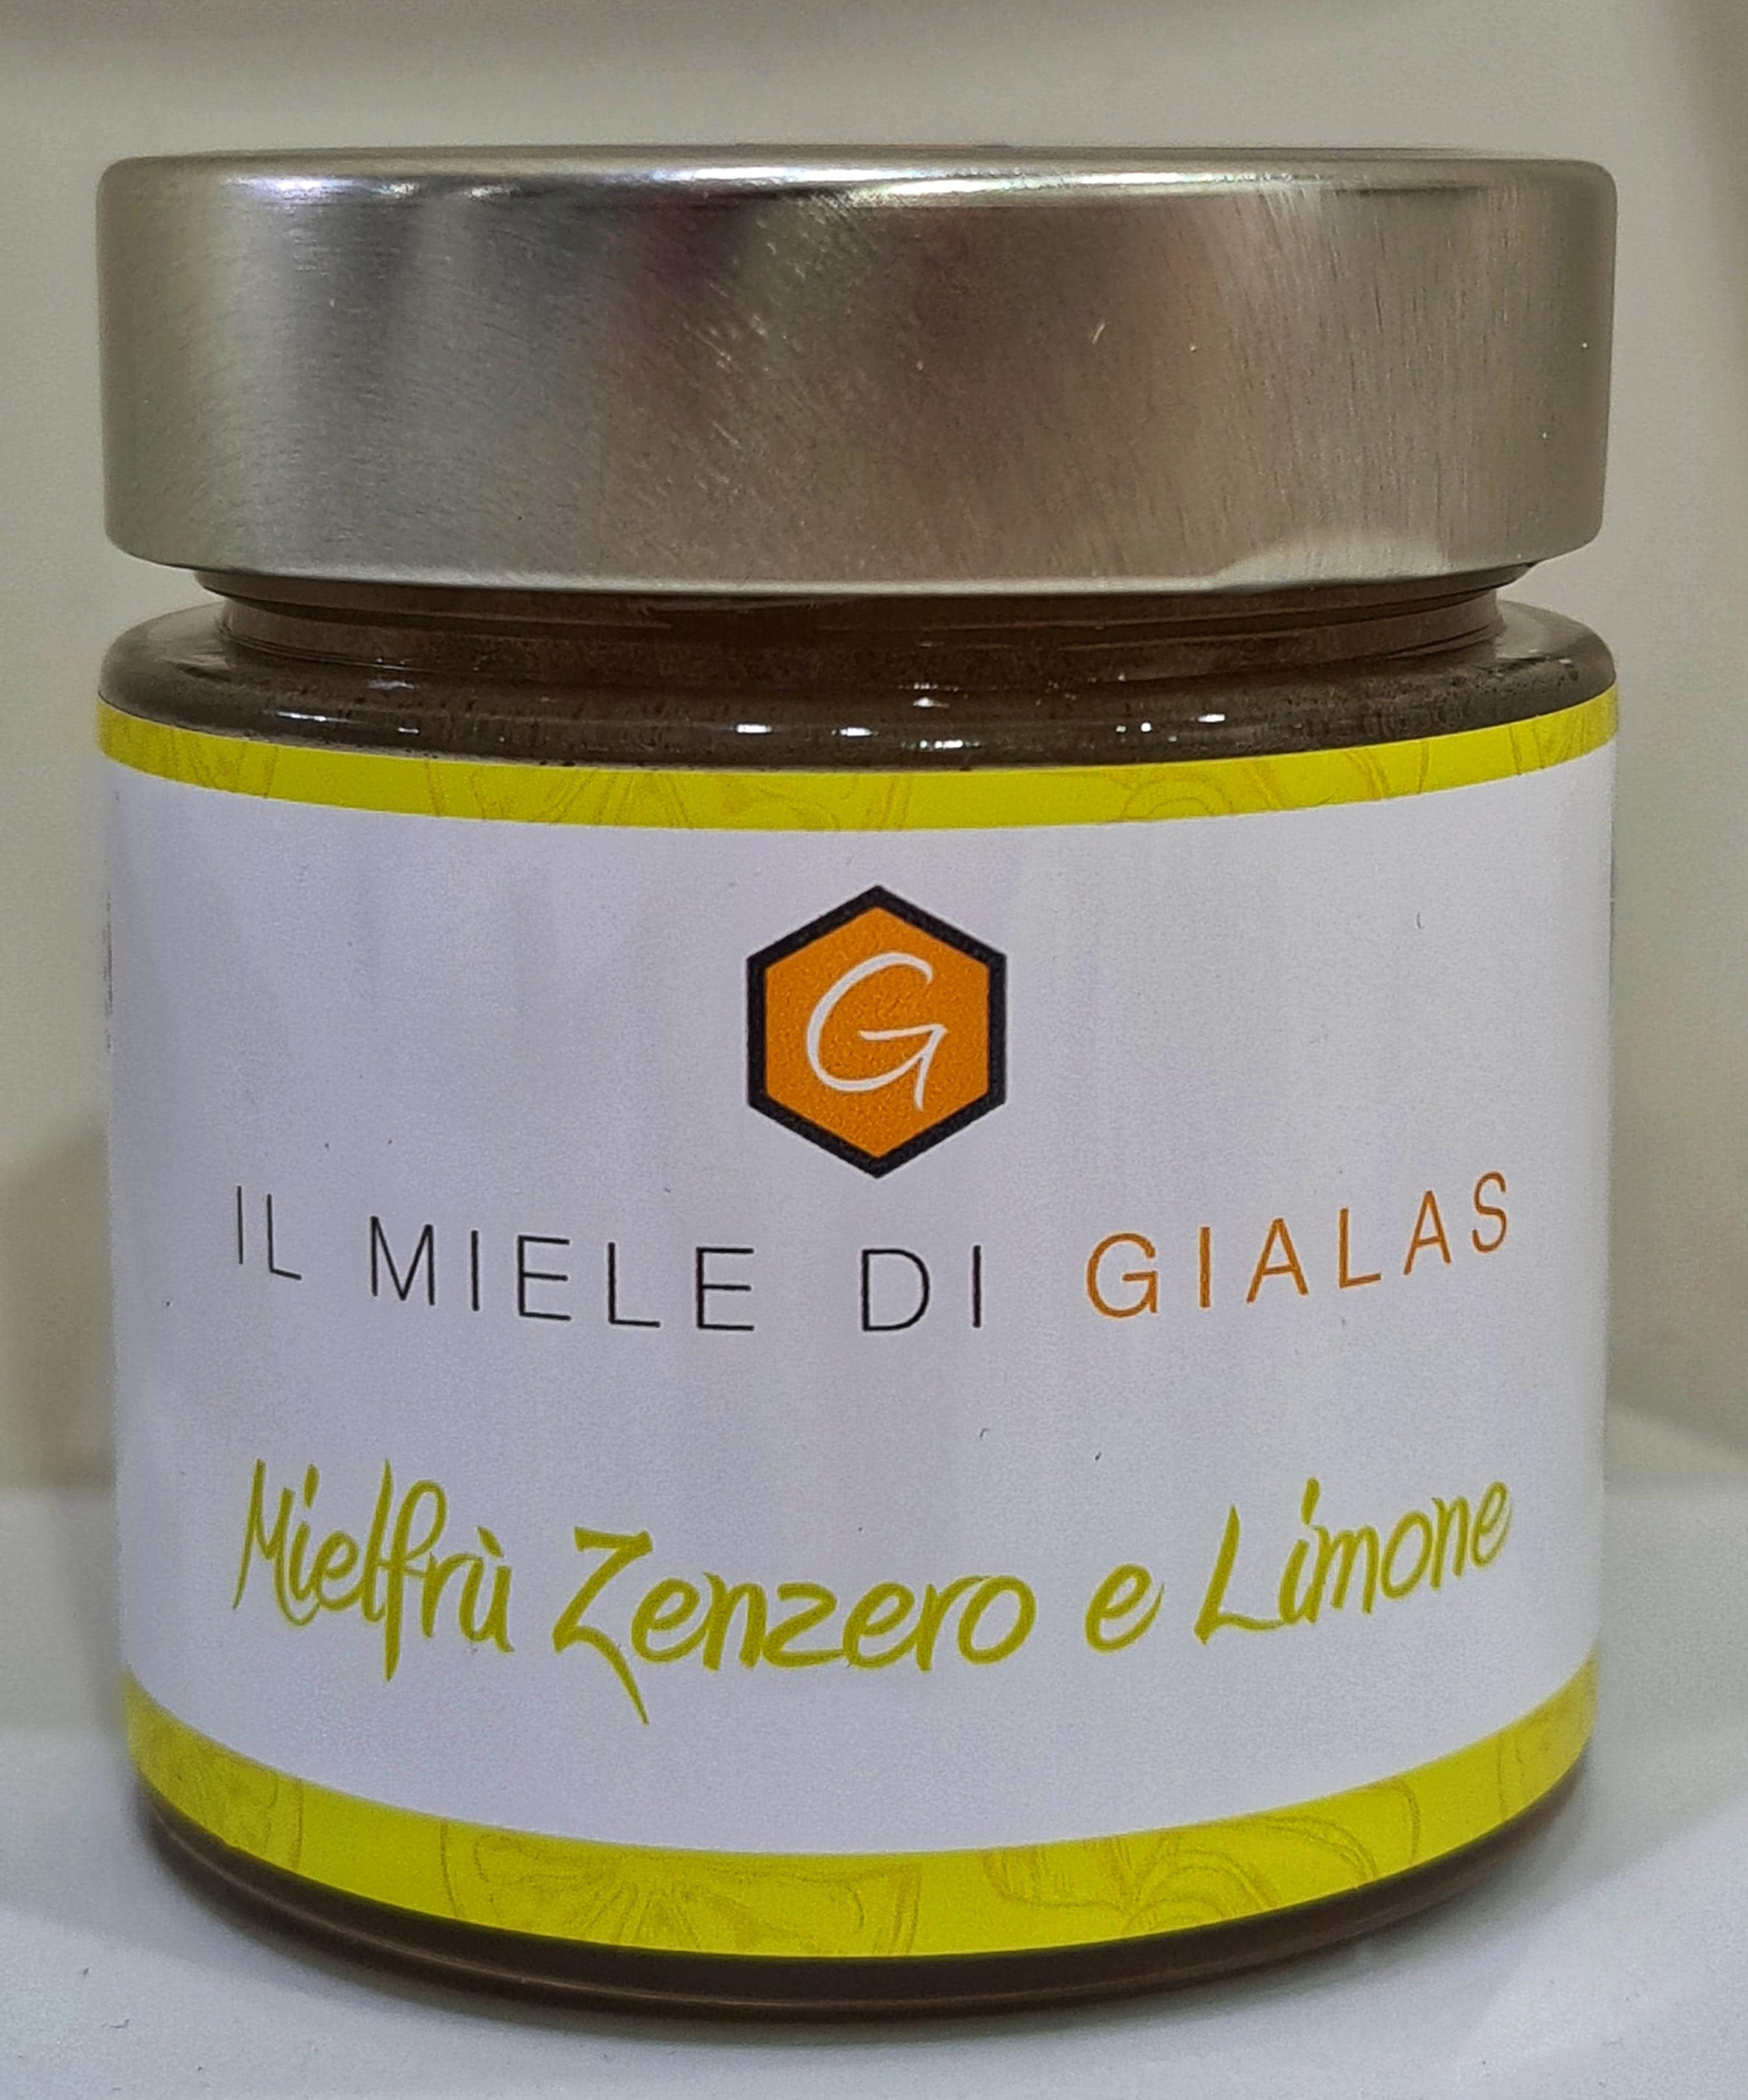 Mielfrù Zenzero & Limone 00166